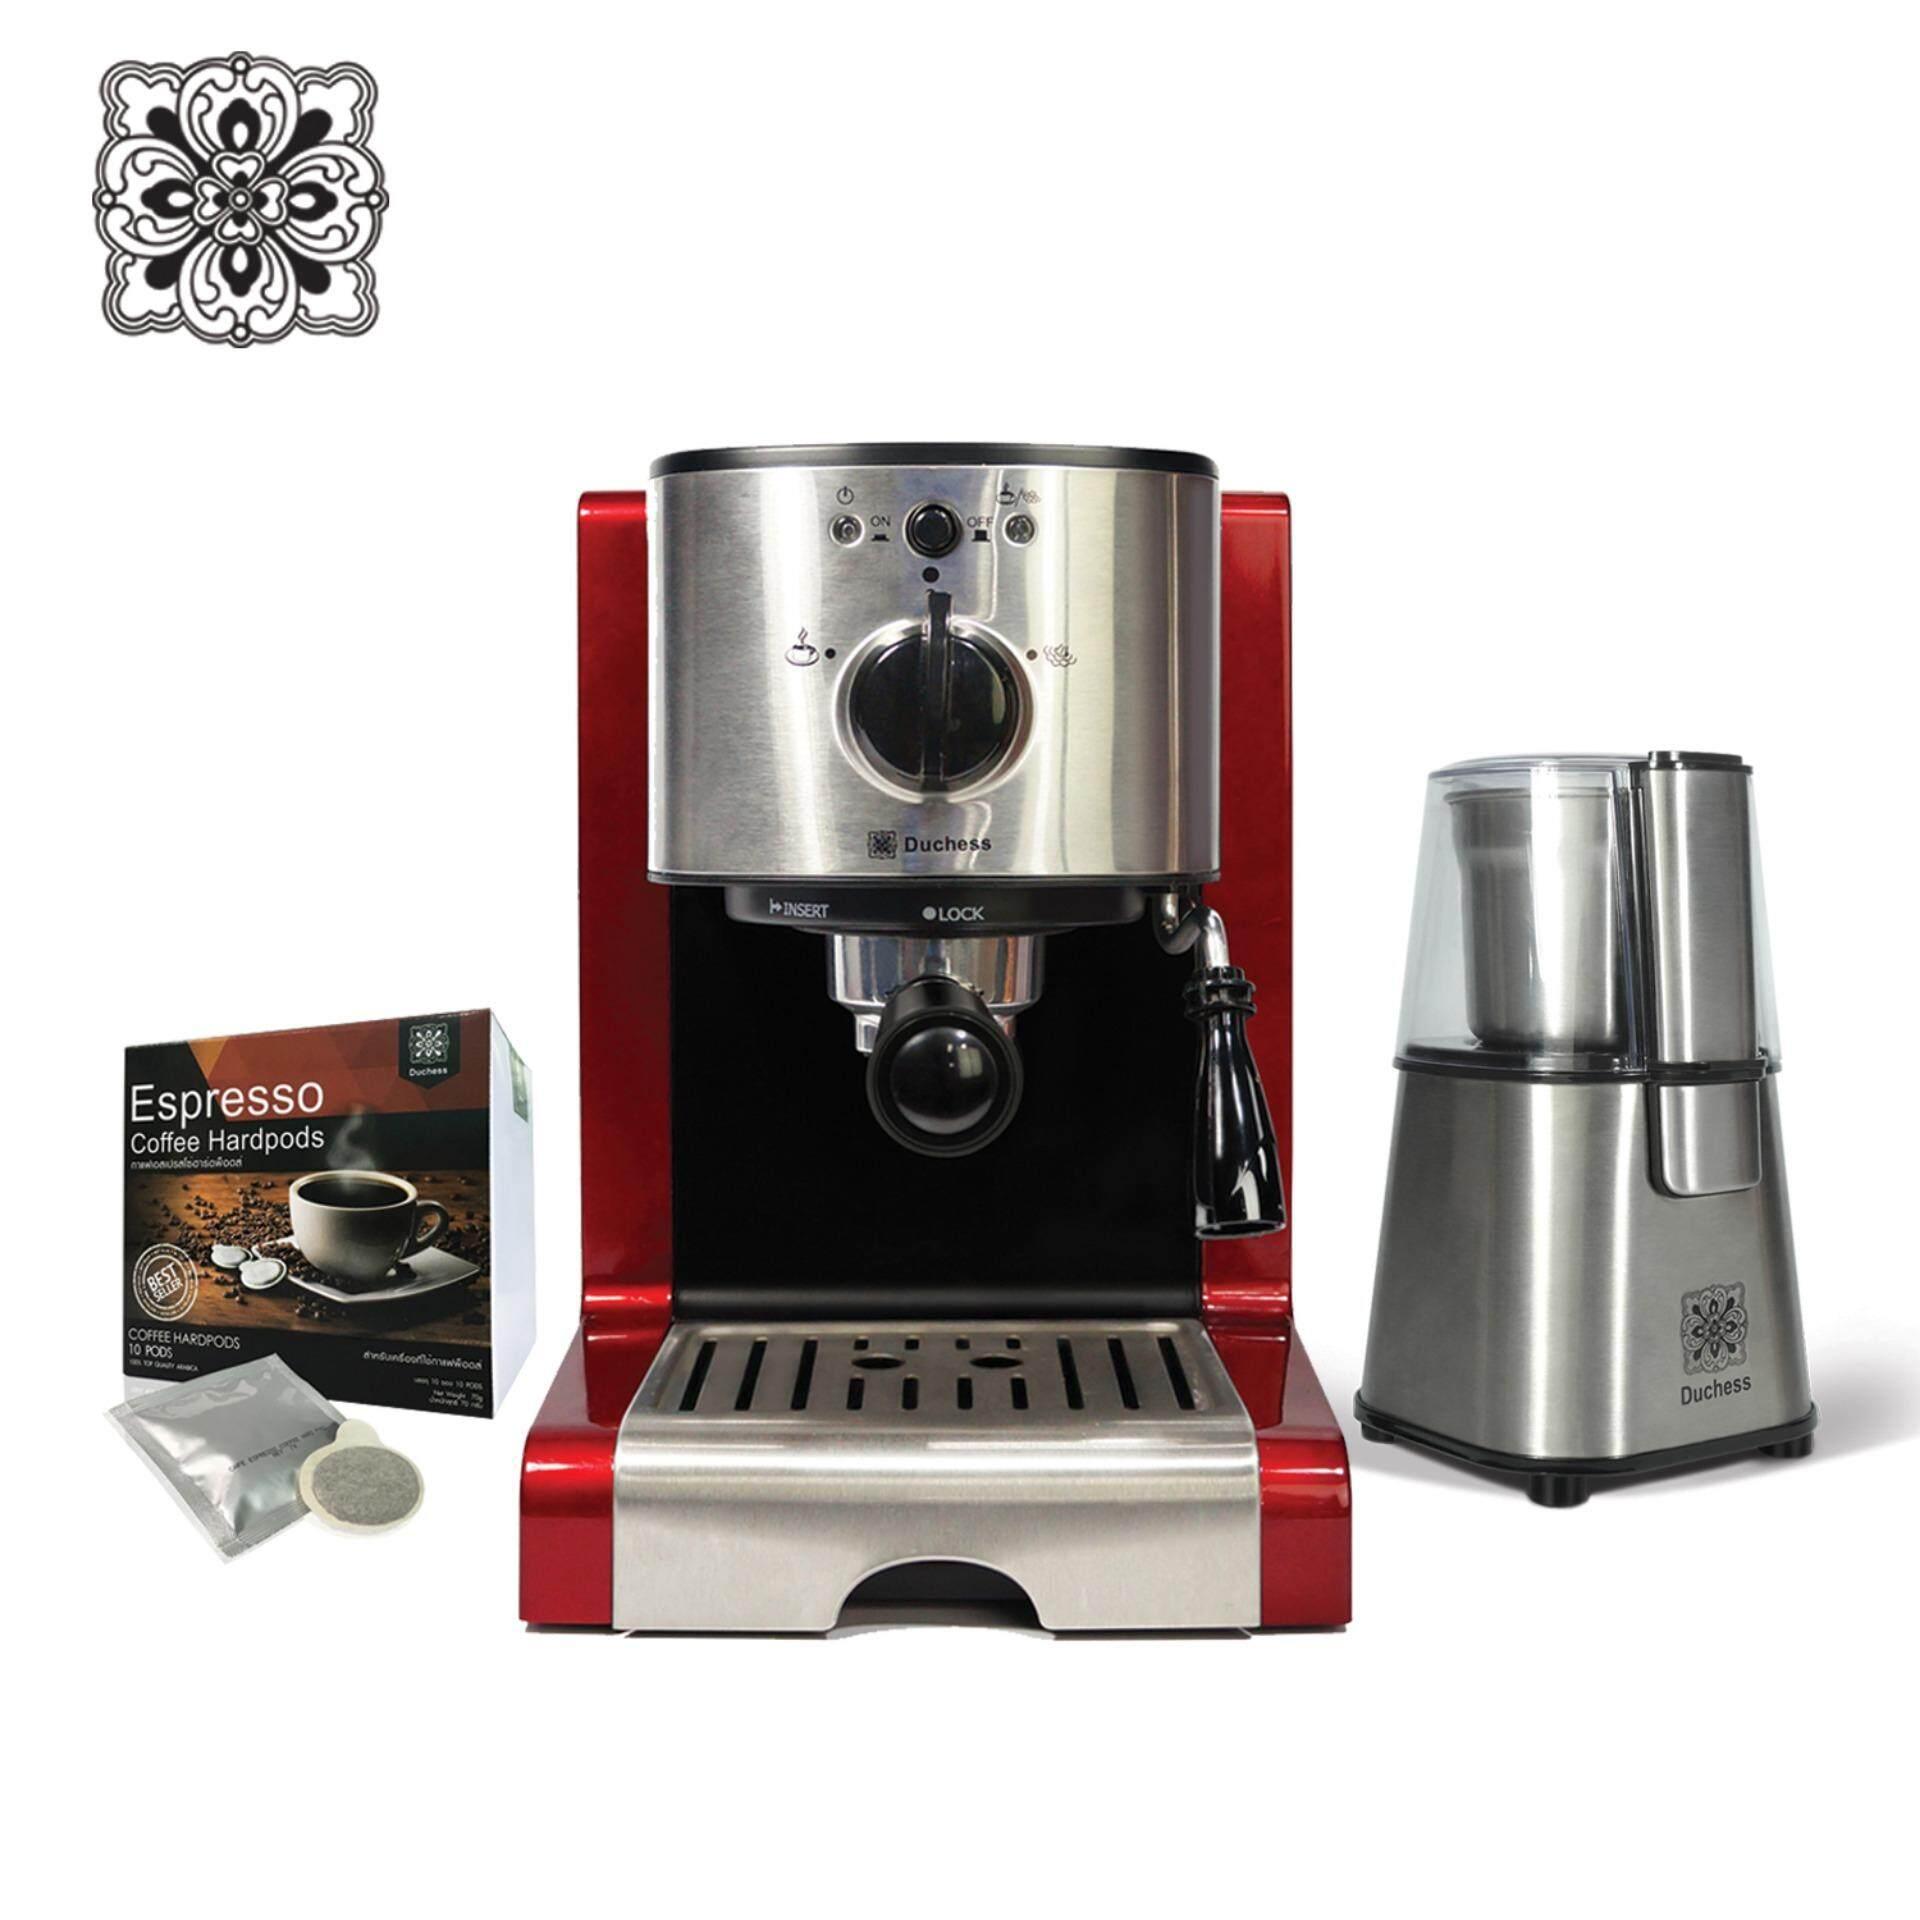 ซื้อ Duchess เครื่องชงกาแฟสด เอสเพรสโซ่ คาปูชิโน่ รุ่น Cm5000R เครื่องบดเมล็ดกาแฟ รุ่น Cg9100S Coffee Pods ใหม่ล่าสุด